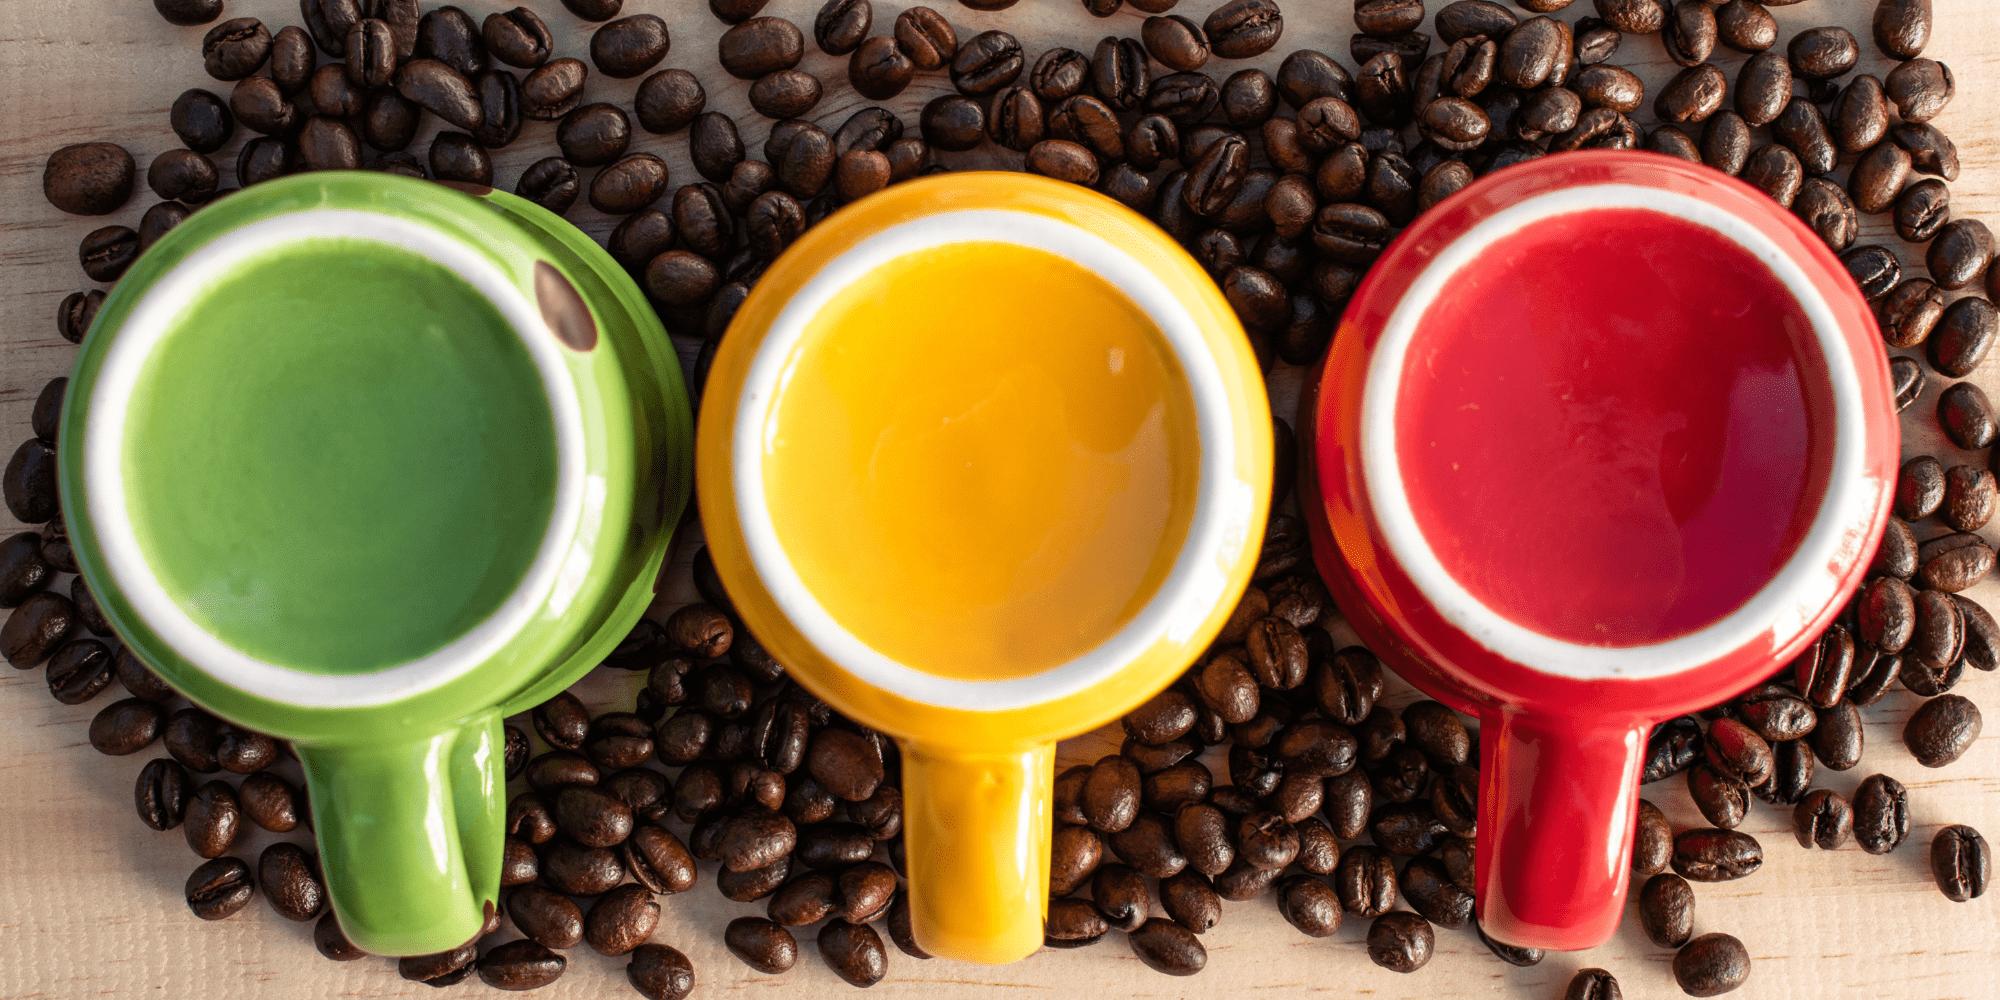 Tasses de café vert jaune rouge aux couleurs du mouvement rastafari